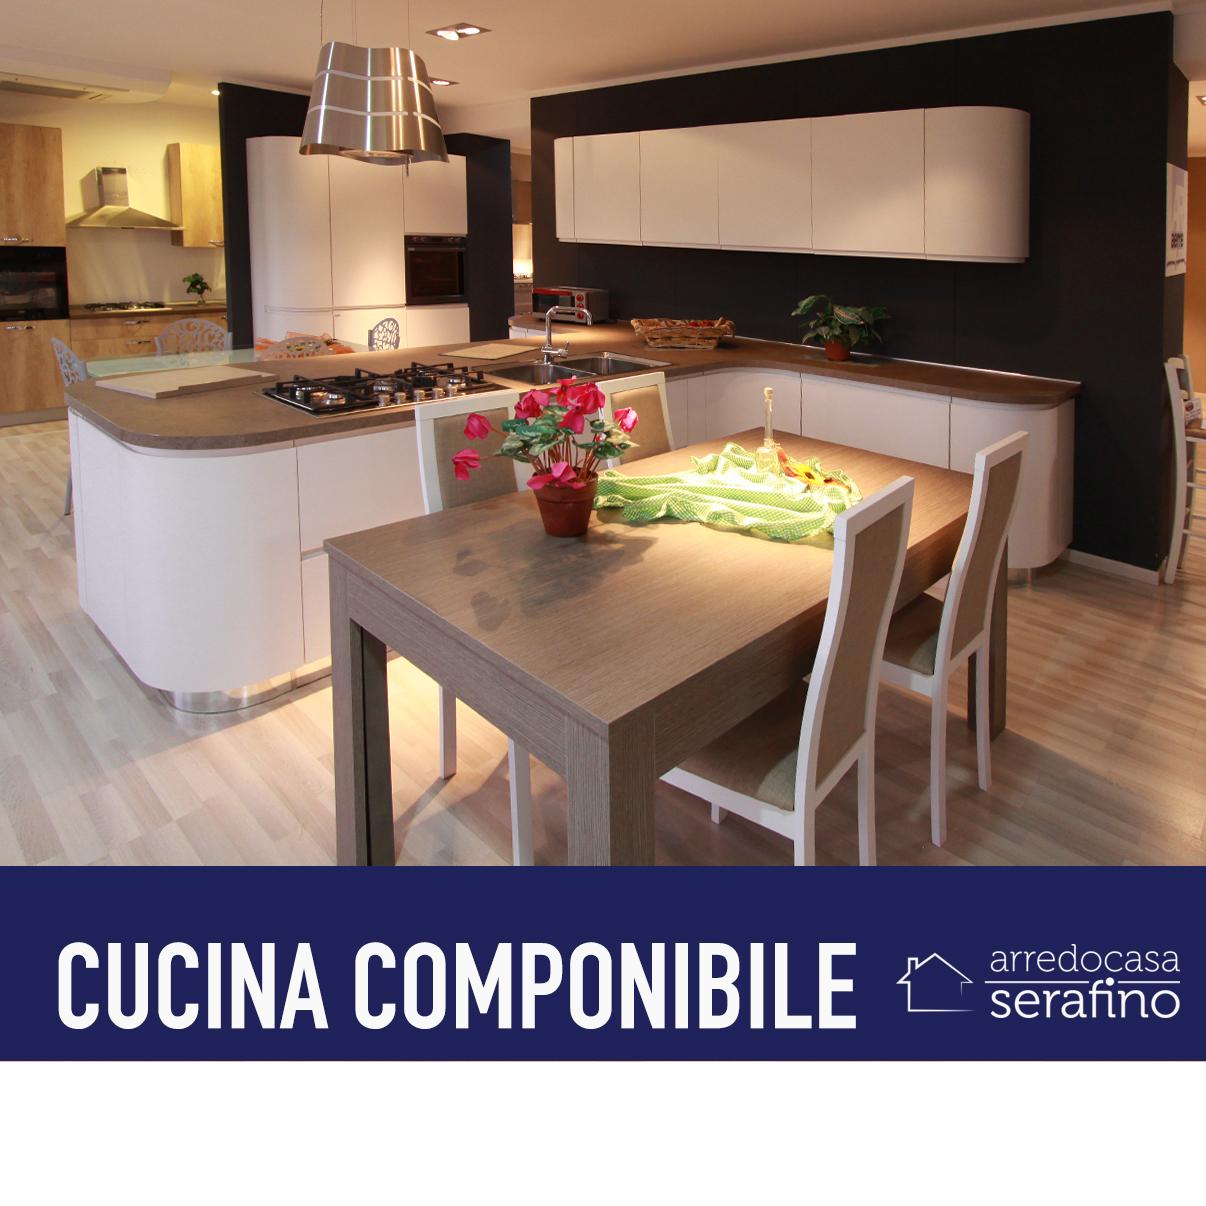 Cucina componibile 03 arredocasa serafino - Elementi cucina componibile ...